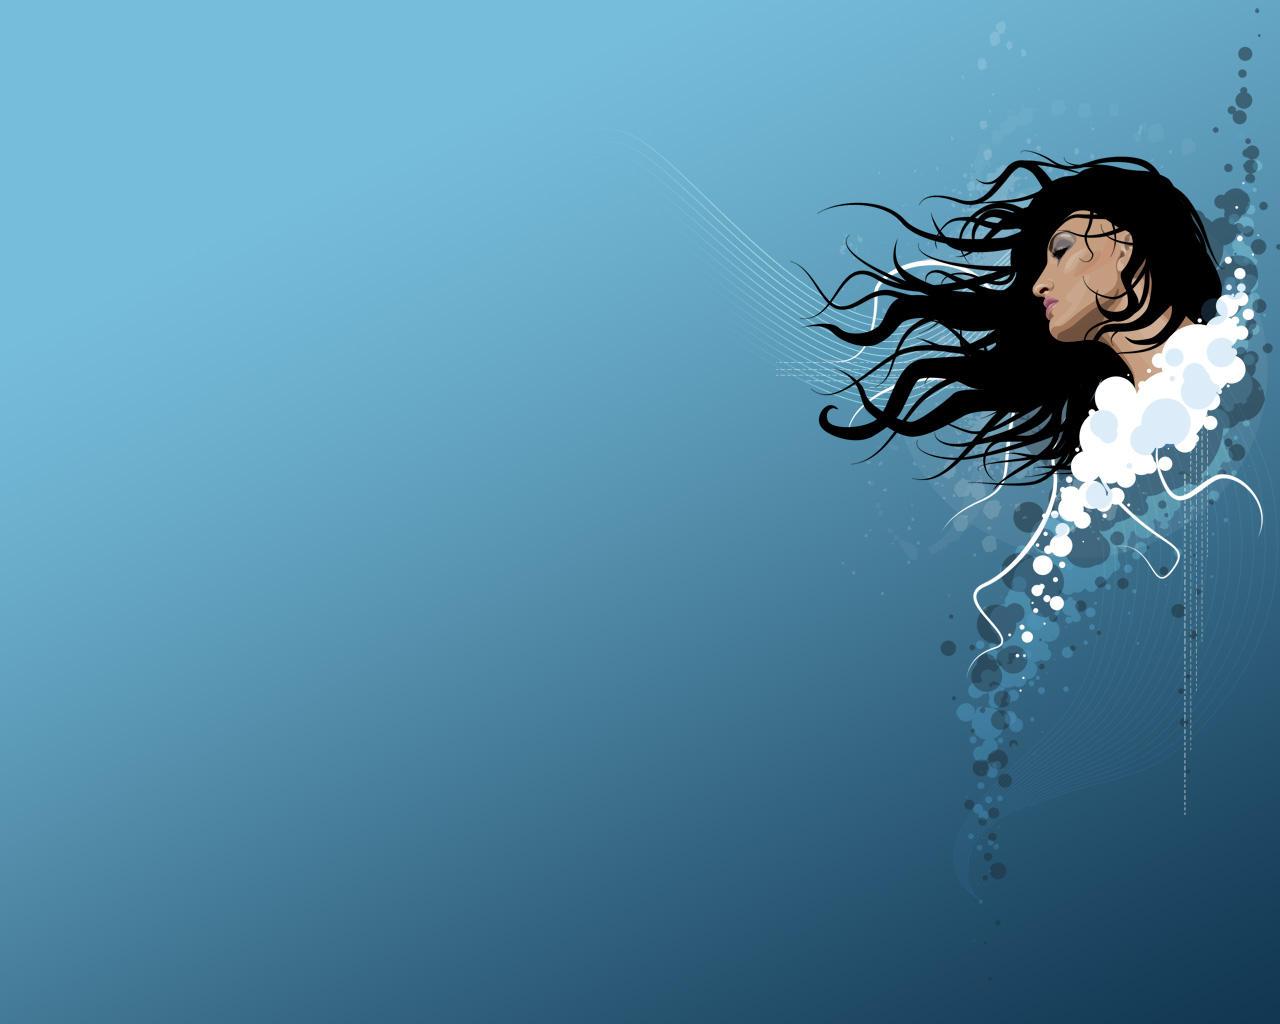 -Daydream in Blue- Wallpaper by xluluhimex